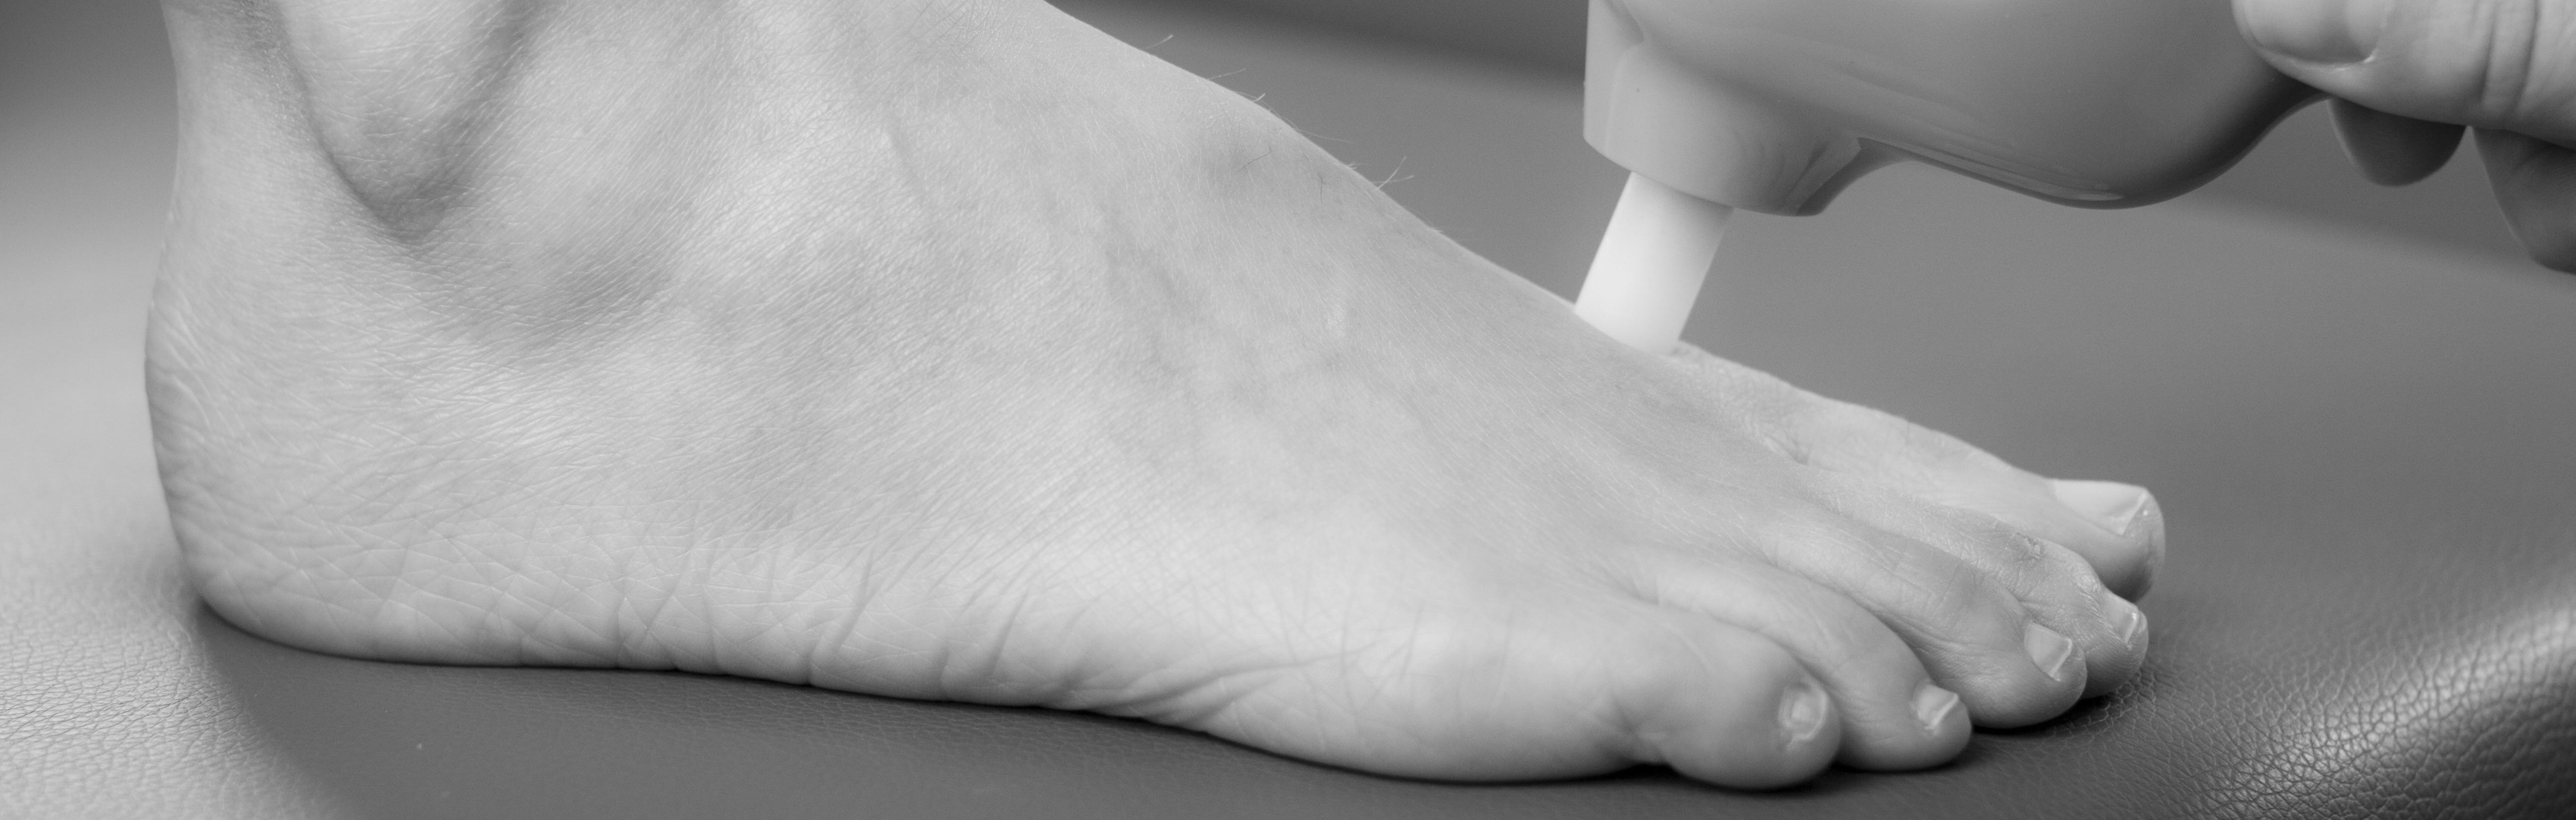 Årlig fodstatus